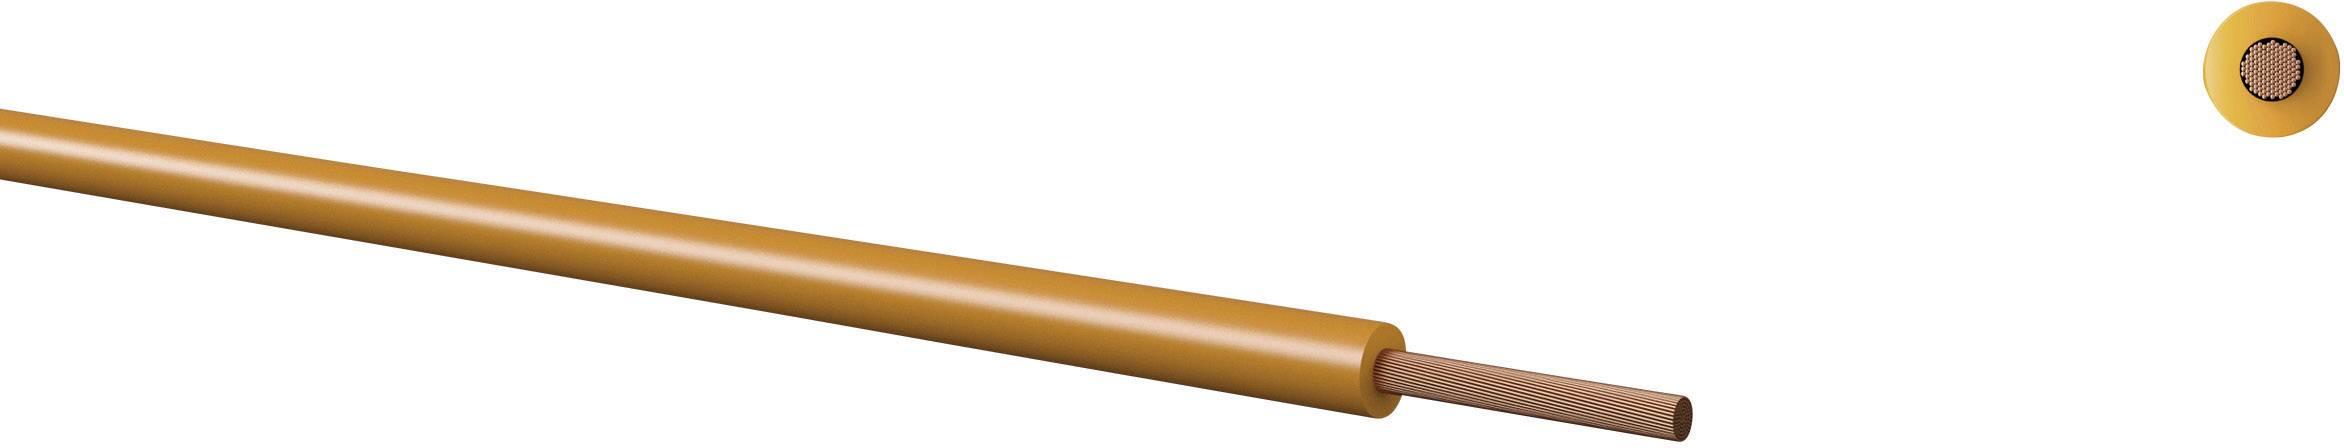 Opletenie / lanko Kabeltronik 160105003 LiFY, 1 x 0.50 mm², vonkajší Ø 2 mm, metrový tovar, zelená